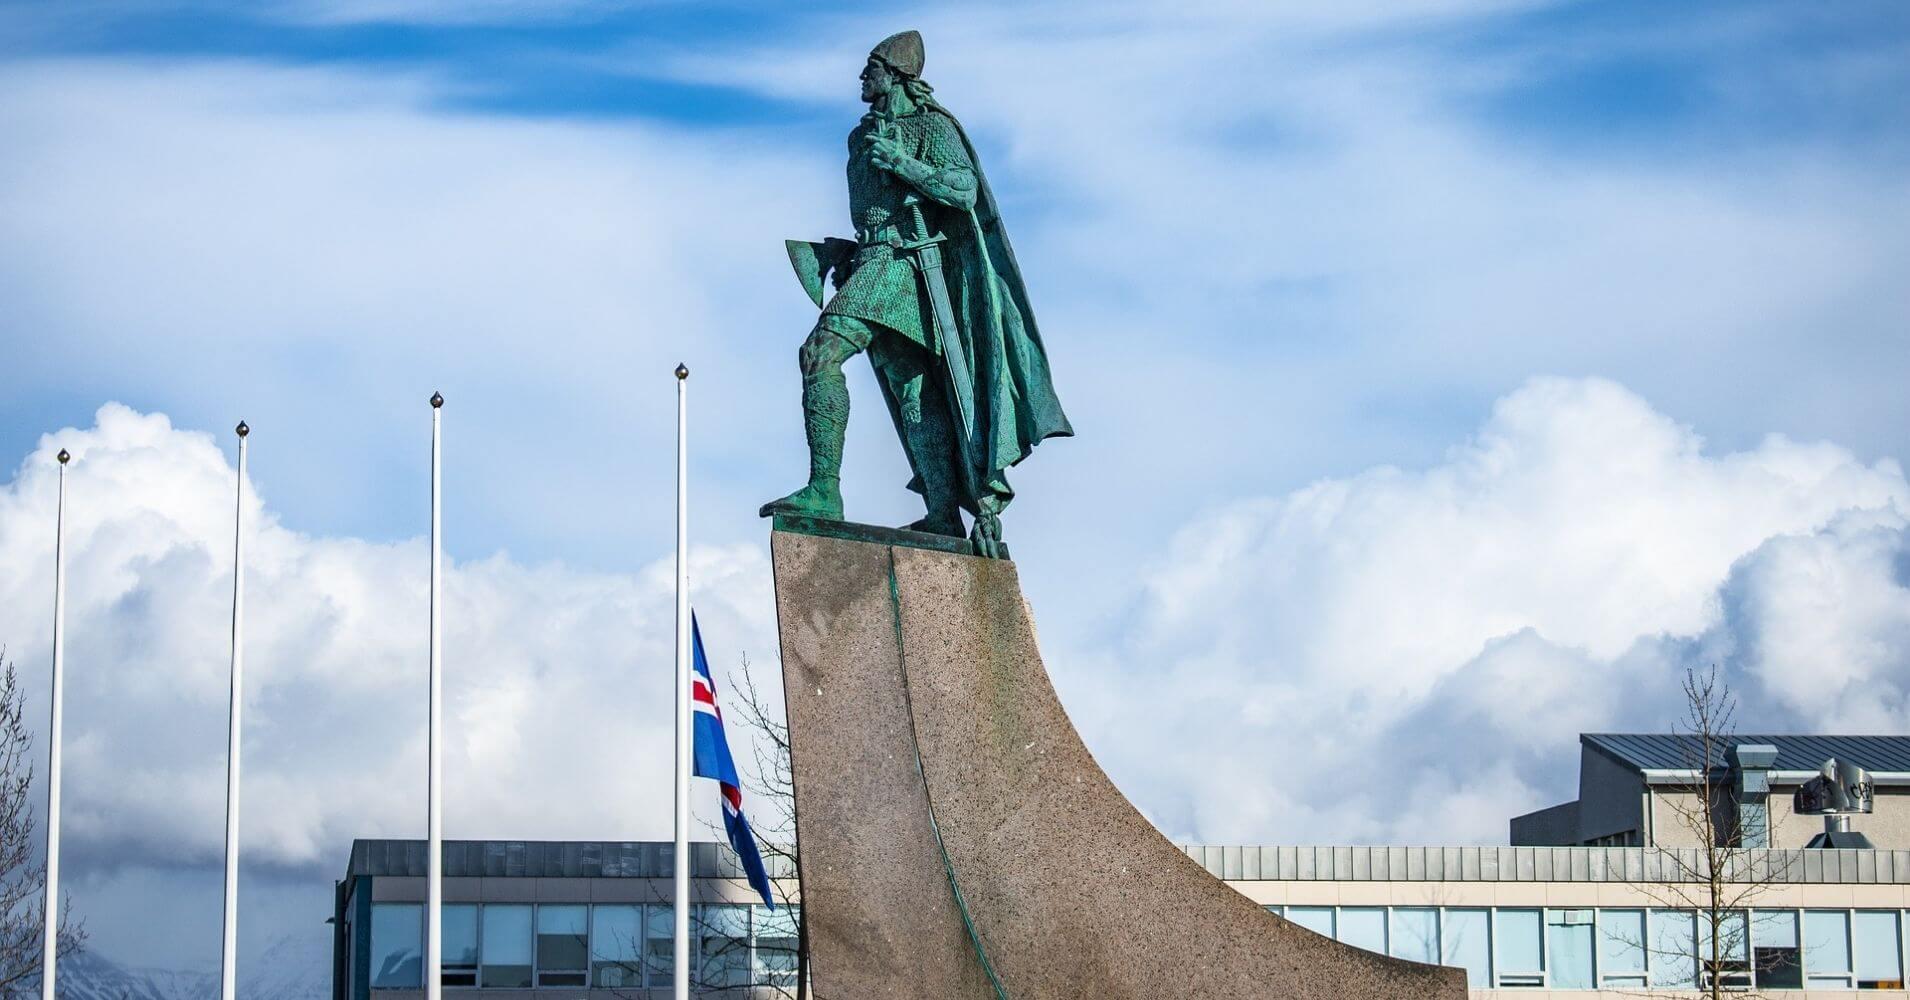 Estatua de Leifur Erikson. Reykjavík, Islandia.